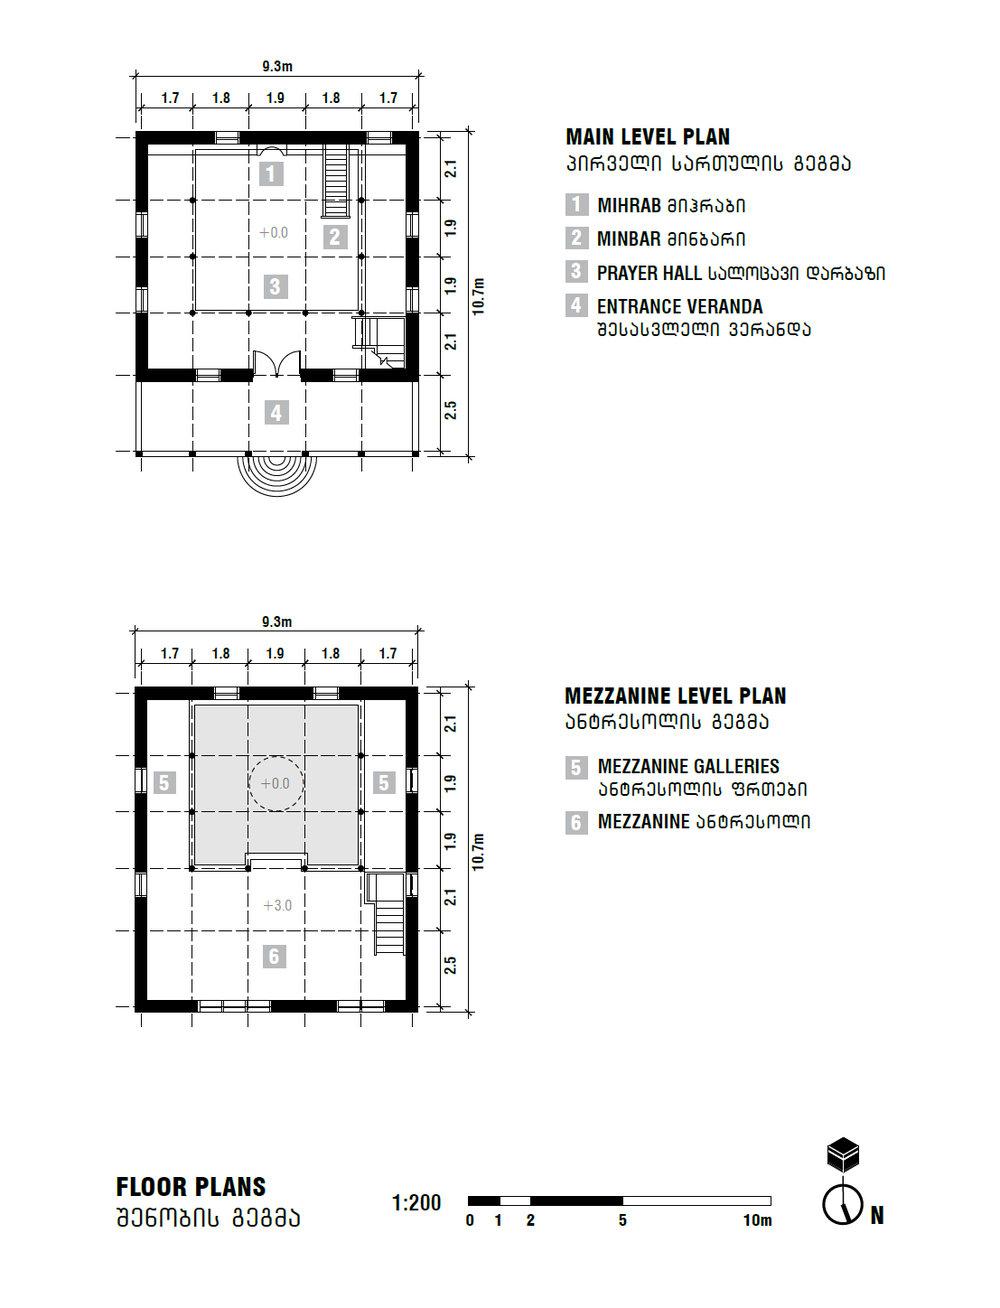 Uchkhiti Floorplans.JPG